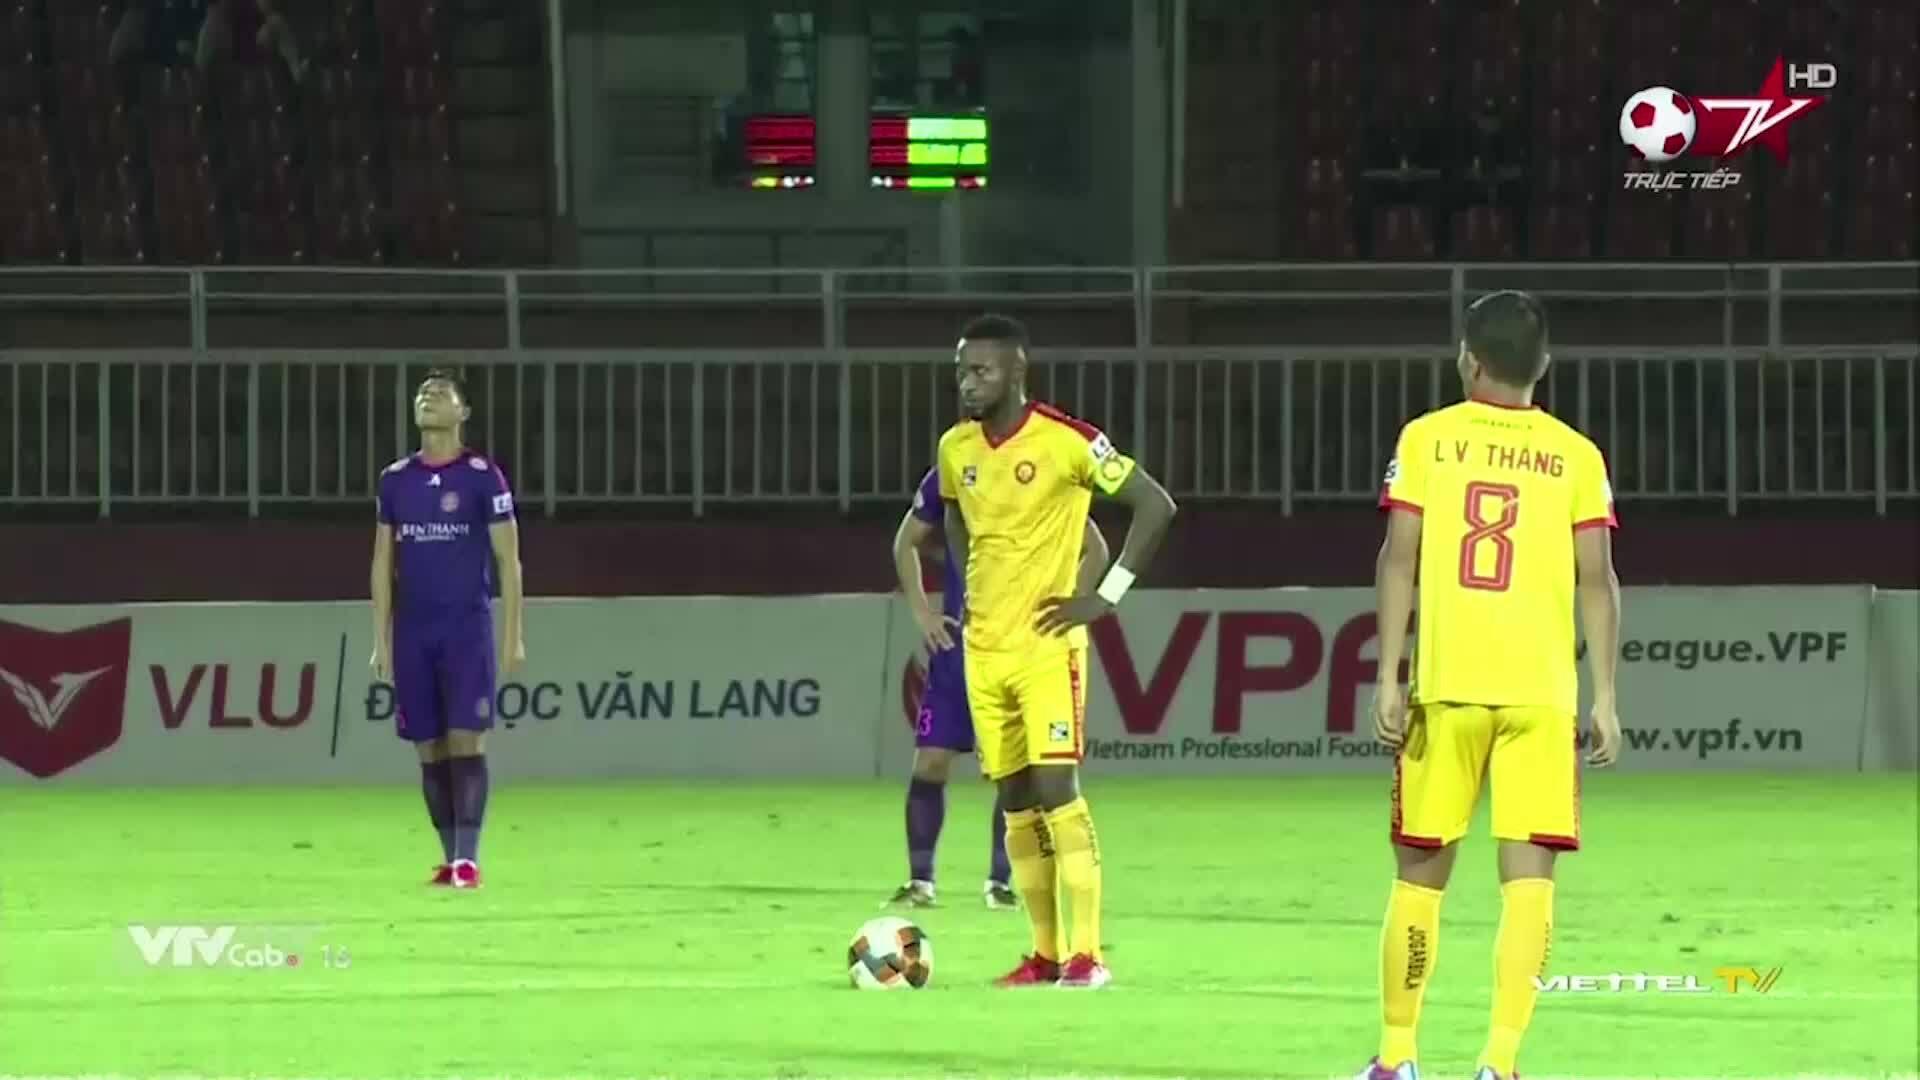 Sài Gòn 3-0 Thanh Hóa